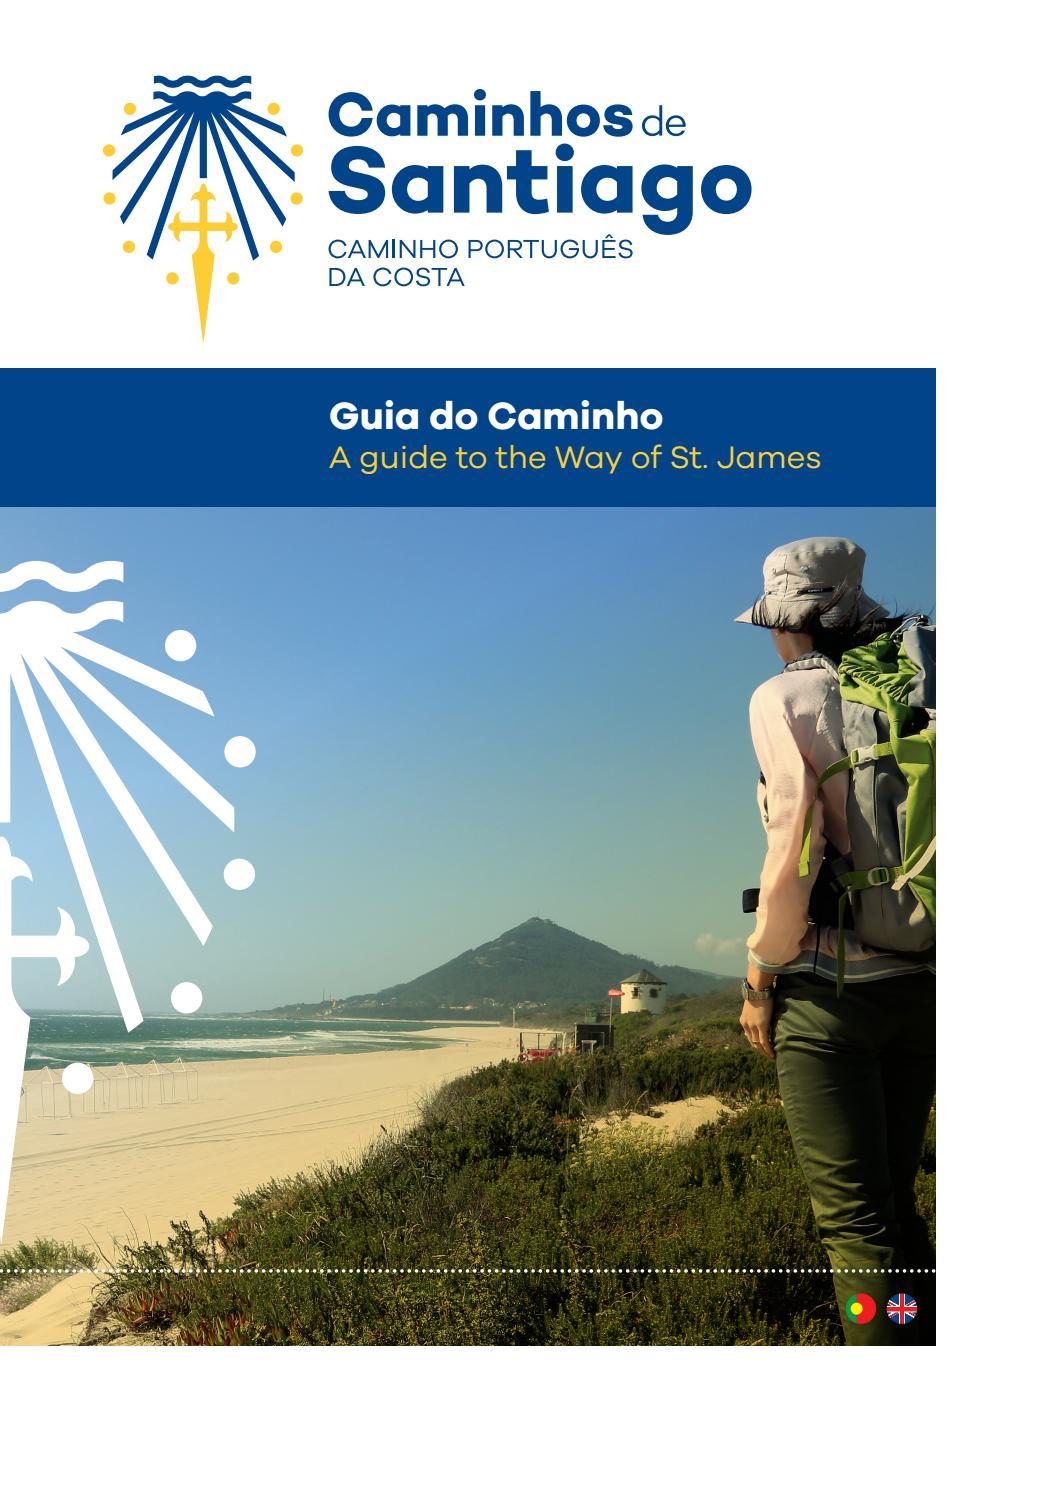 Guia do Caminho Português da Costa by Caminho Português da Costa - Caminho  de Santiago - issuu 5da464e100b